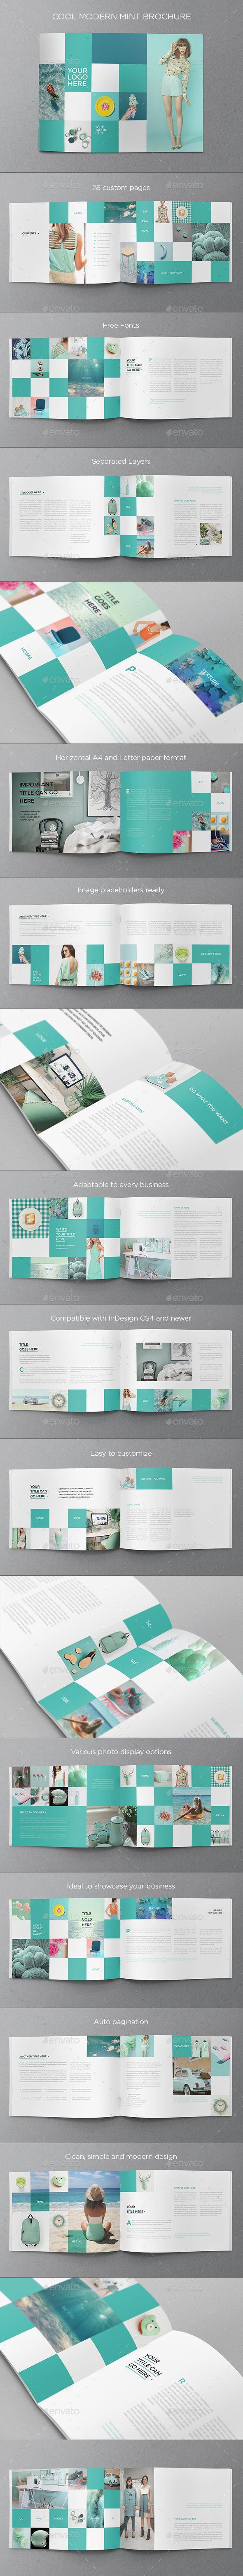 Cool Minimal Mint Brochure | Carpeta, Editorial y Tipografía